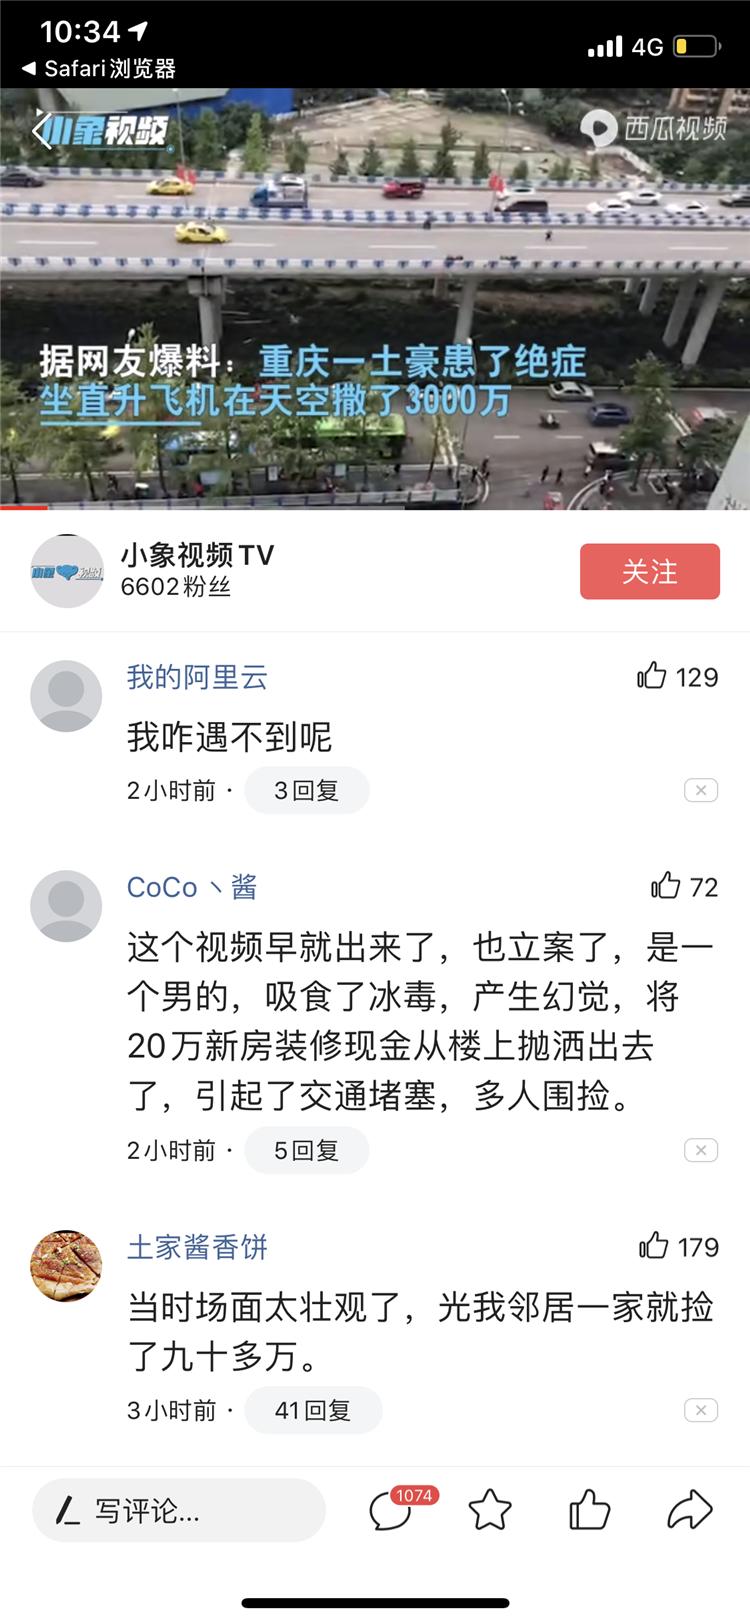 【彩乐园3注册】_重庆土豪坐直升飞机空中撒3000万?真相来了